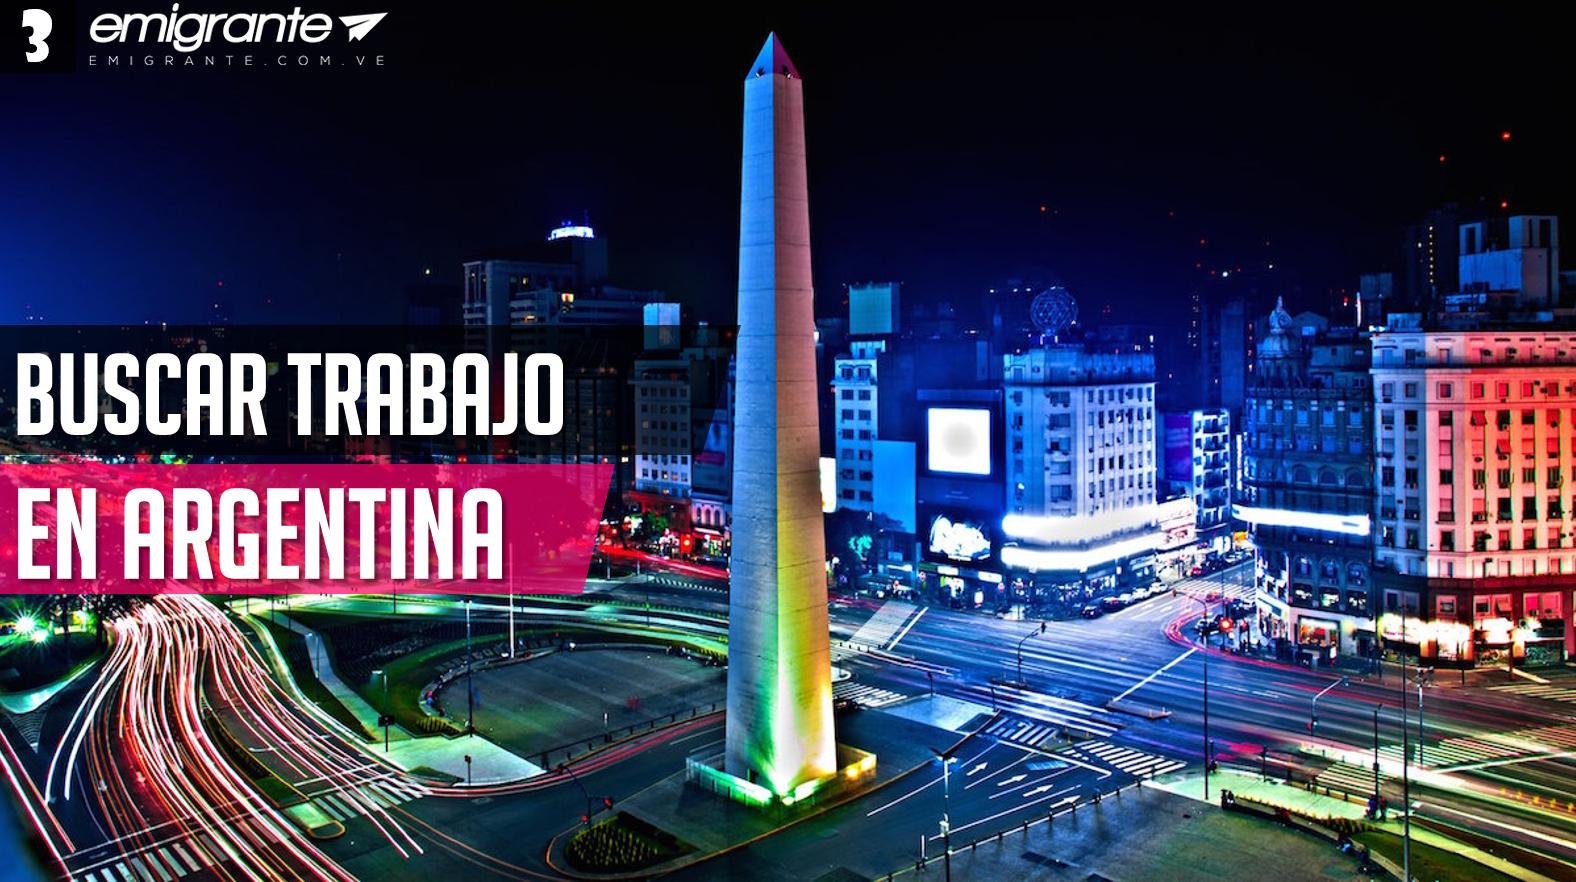 Buscar trabajo en Argentina 2018